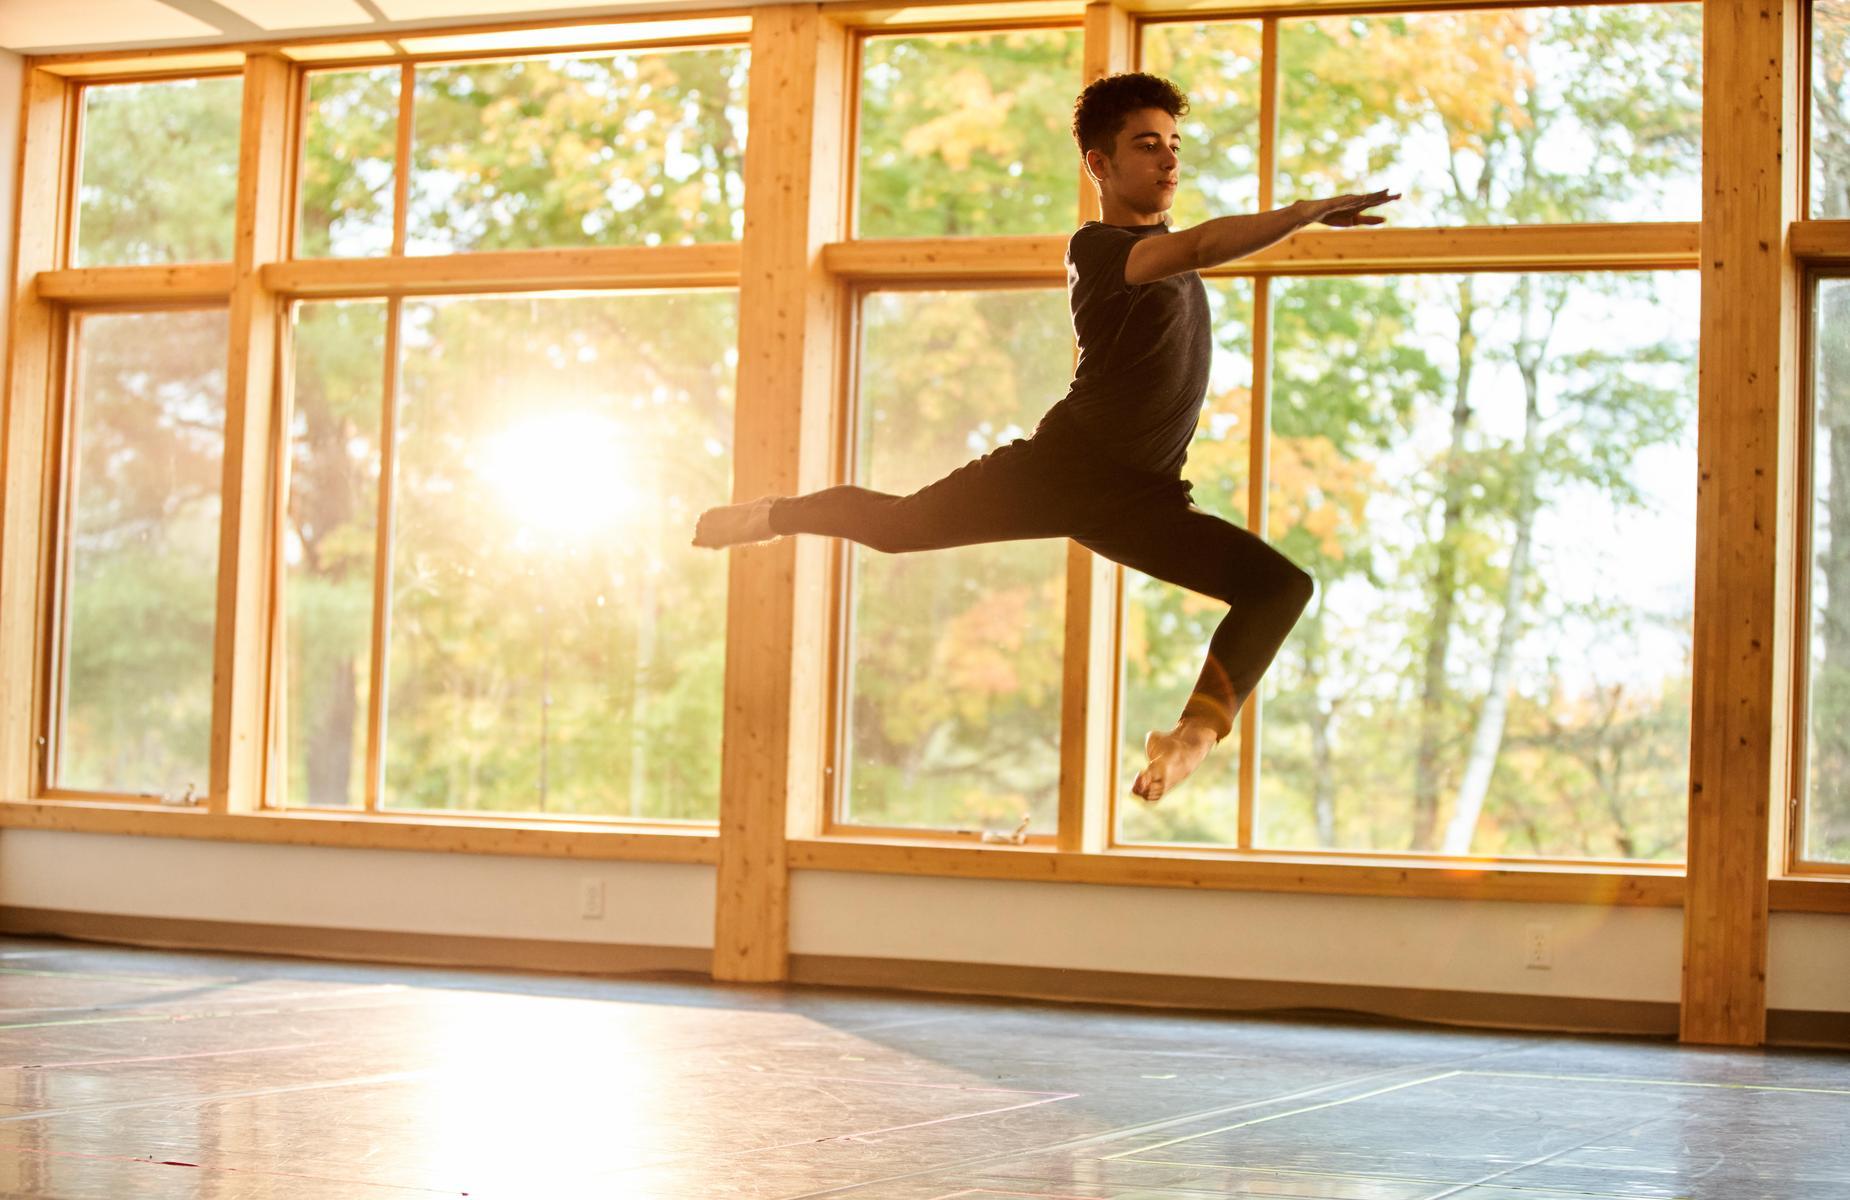 一个学生在舞蹈室里跳跃.